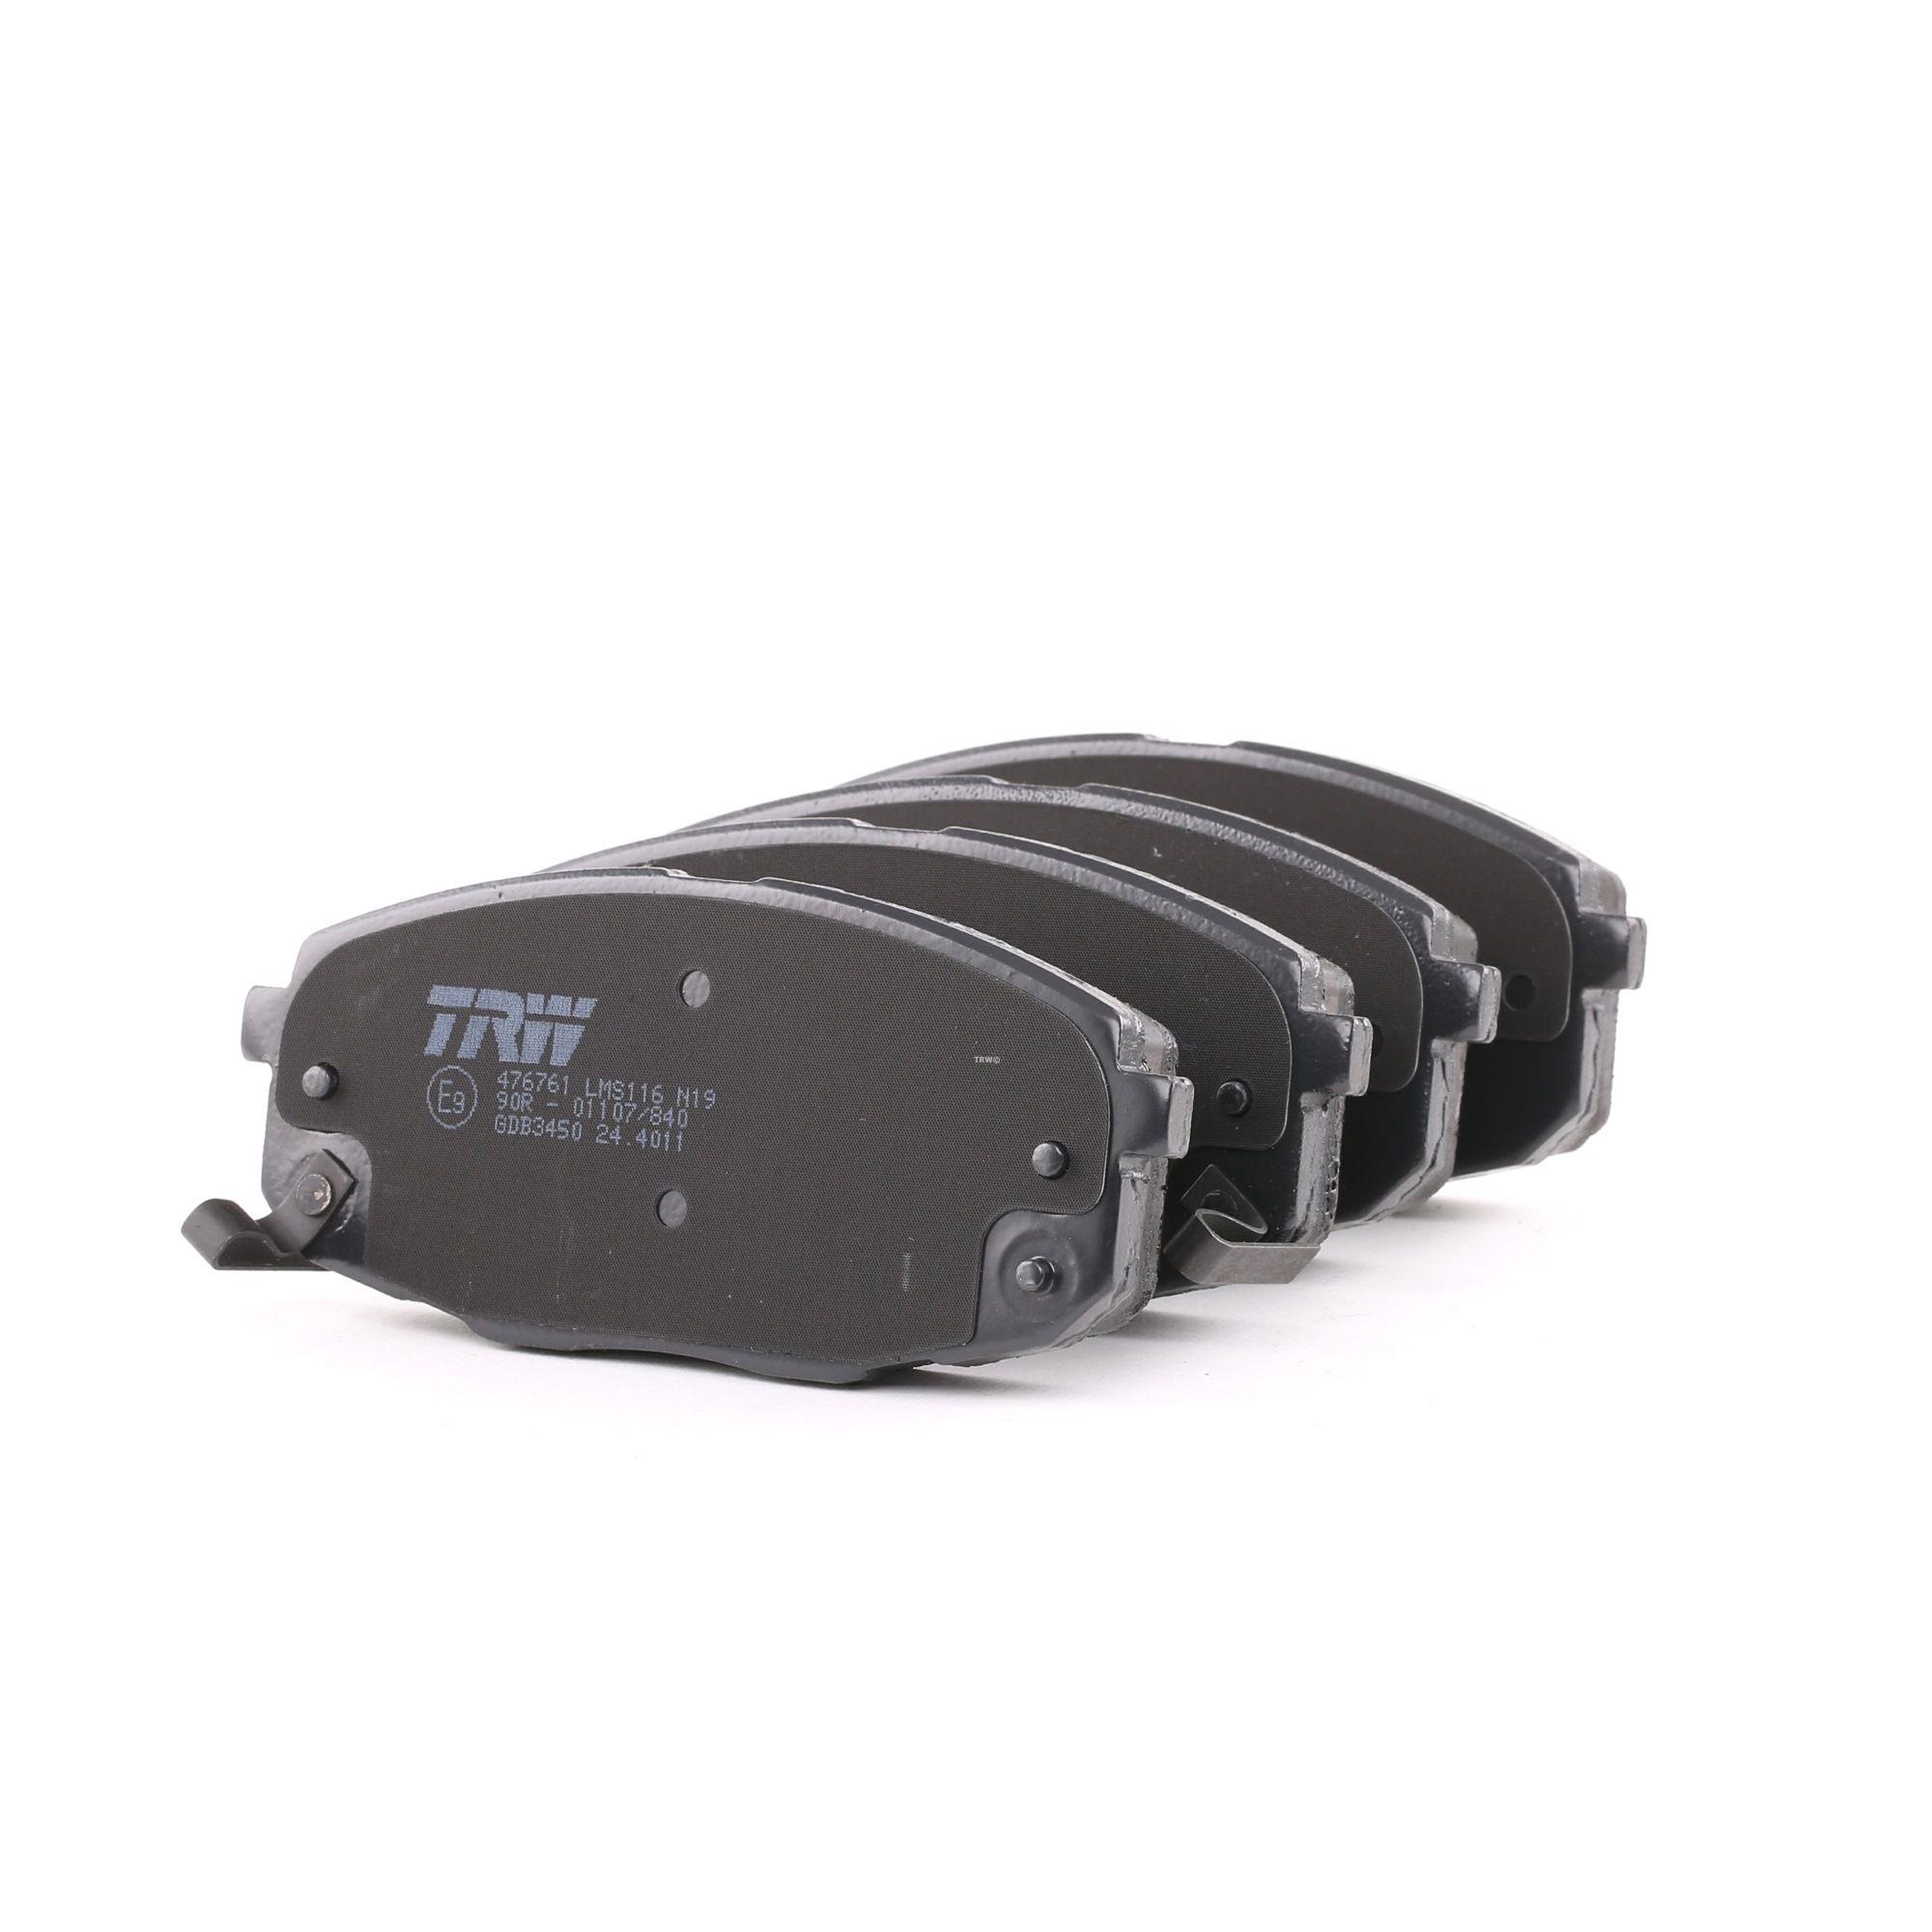 KIA PROCEED 2014 Bremsbelagsatz - Original TRW GDB3450 Höhe: 58mm, Dicke/Stärke: 17,5mm